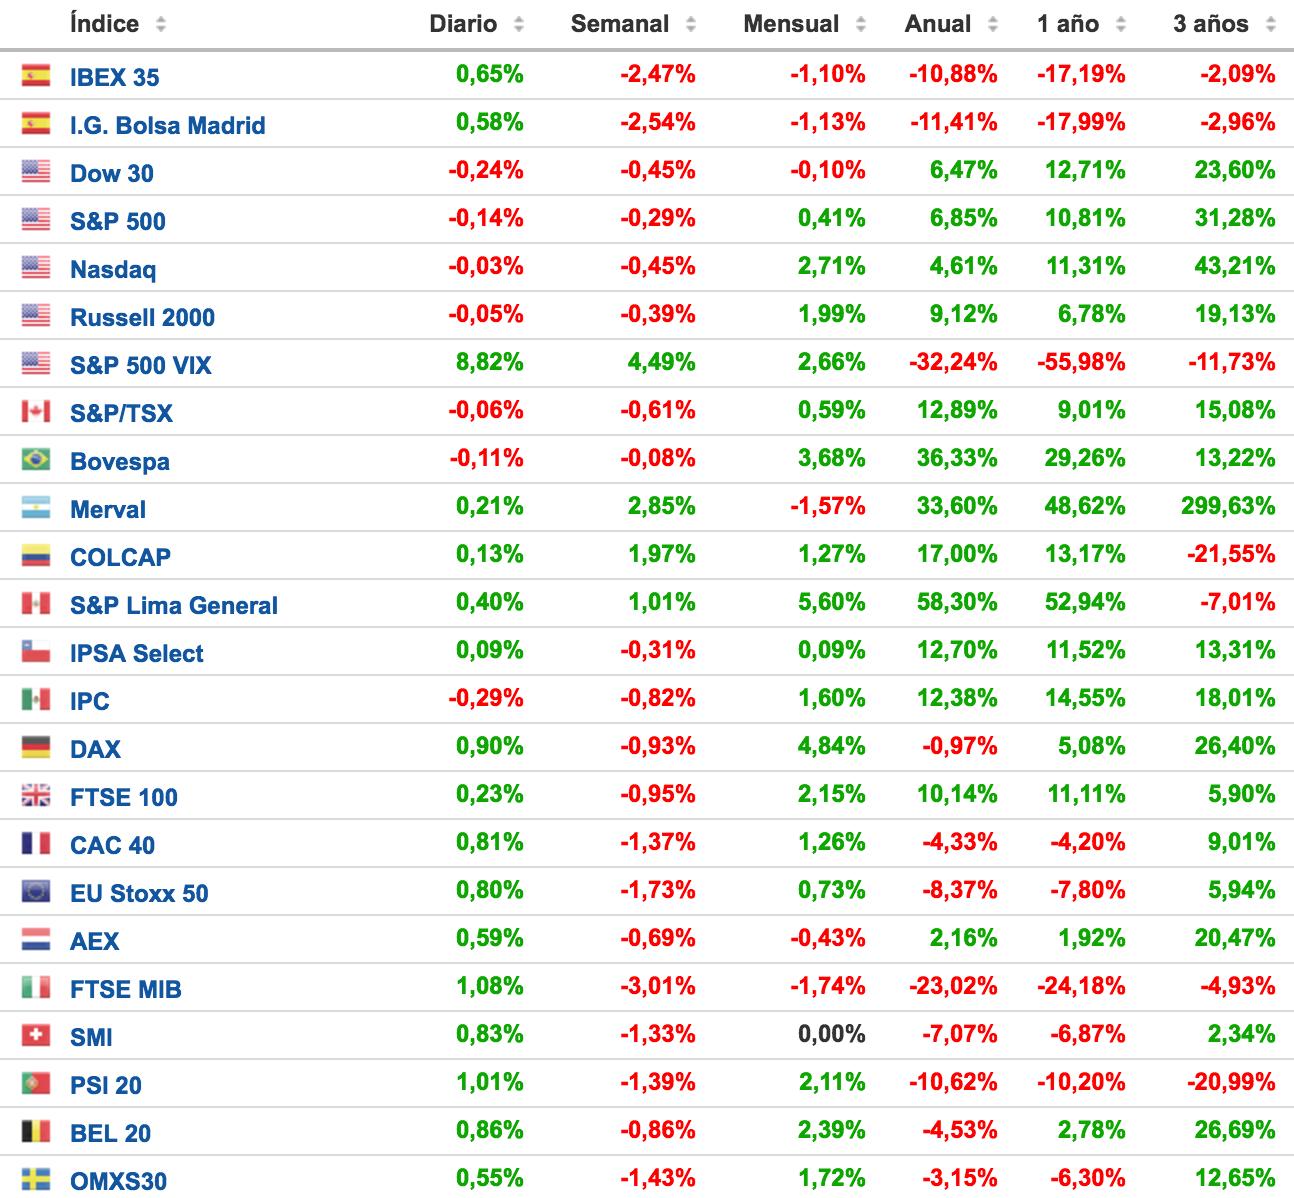 Rentabilidades-de-los-principales-índices-bursátiles